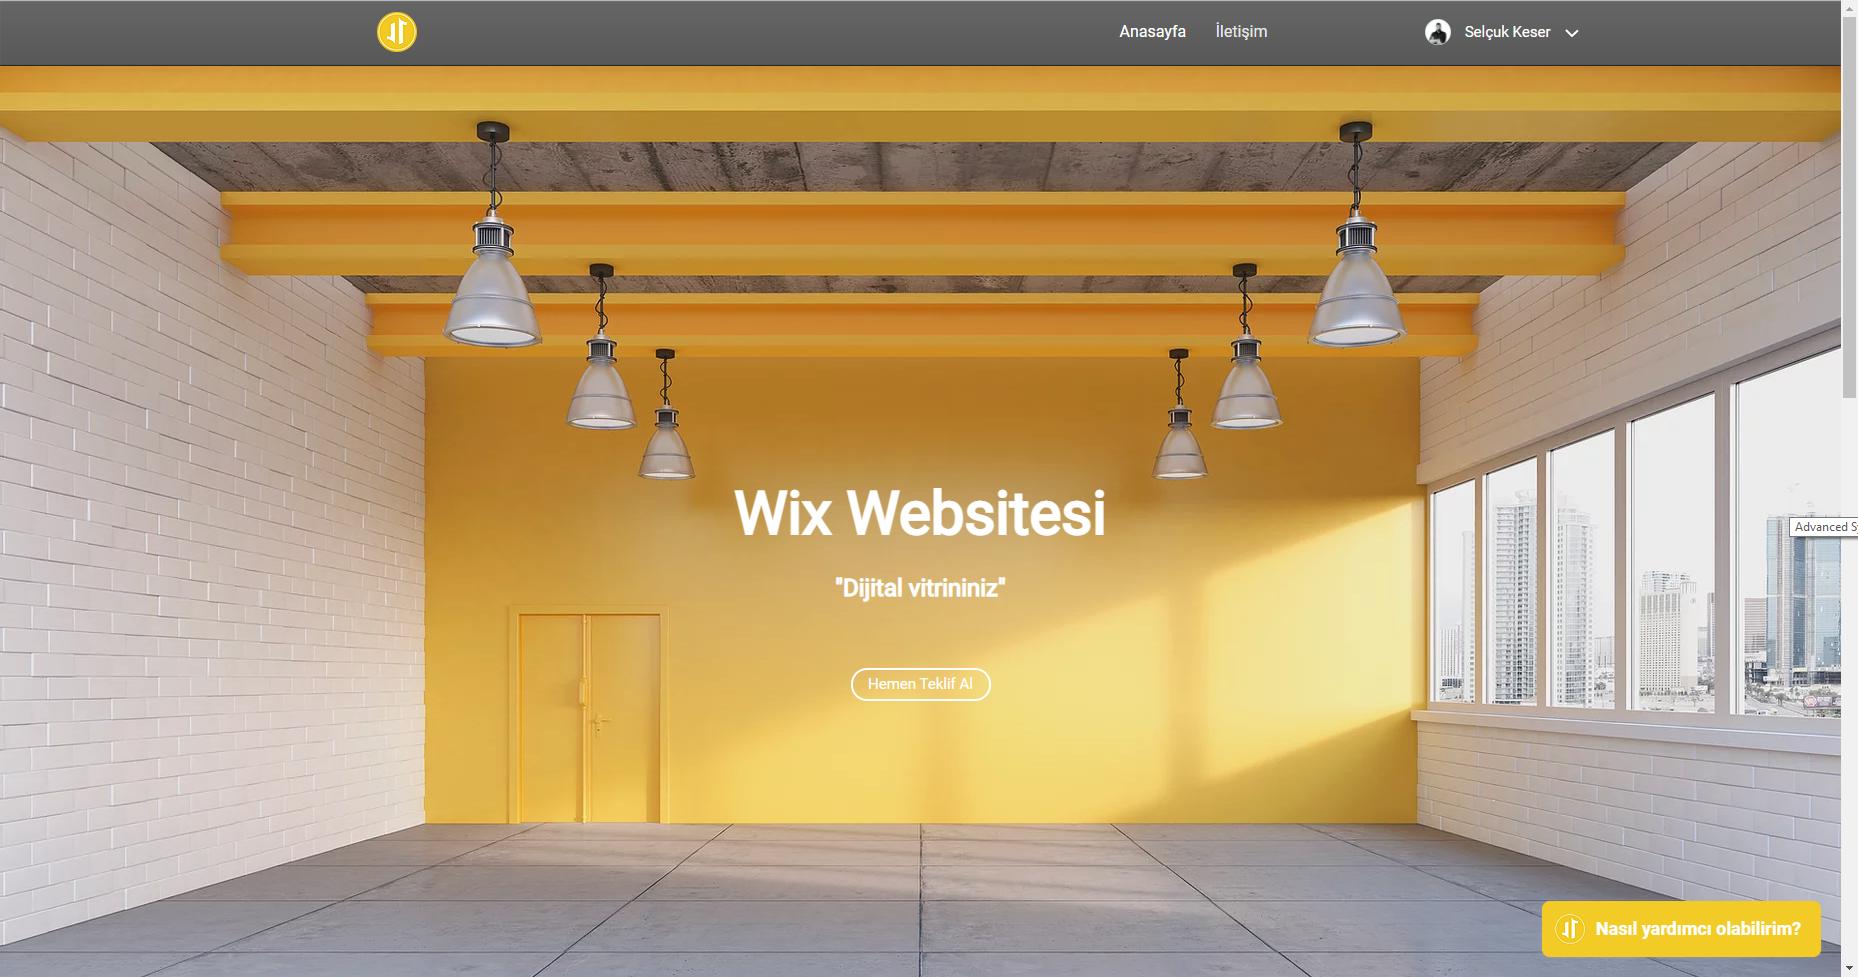 Wix Websitesi Wix ile ilgili neredeyse her özelliğin kullanıldığ...